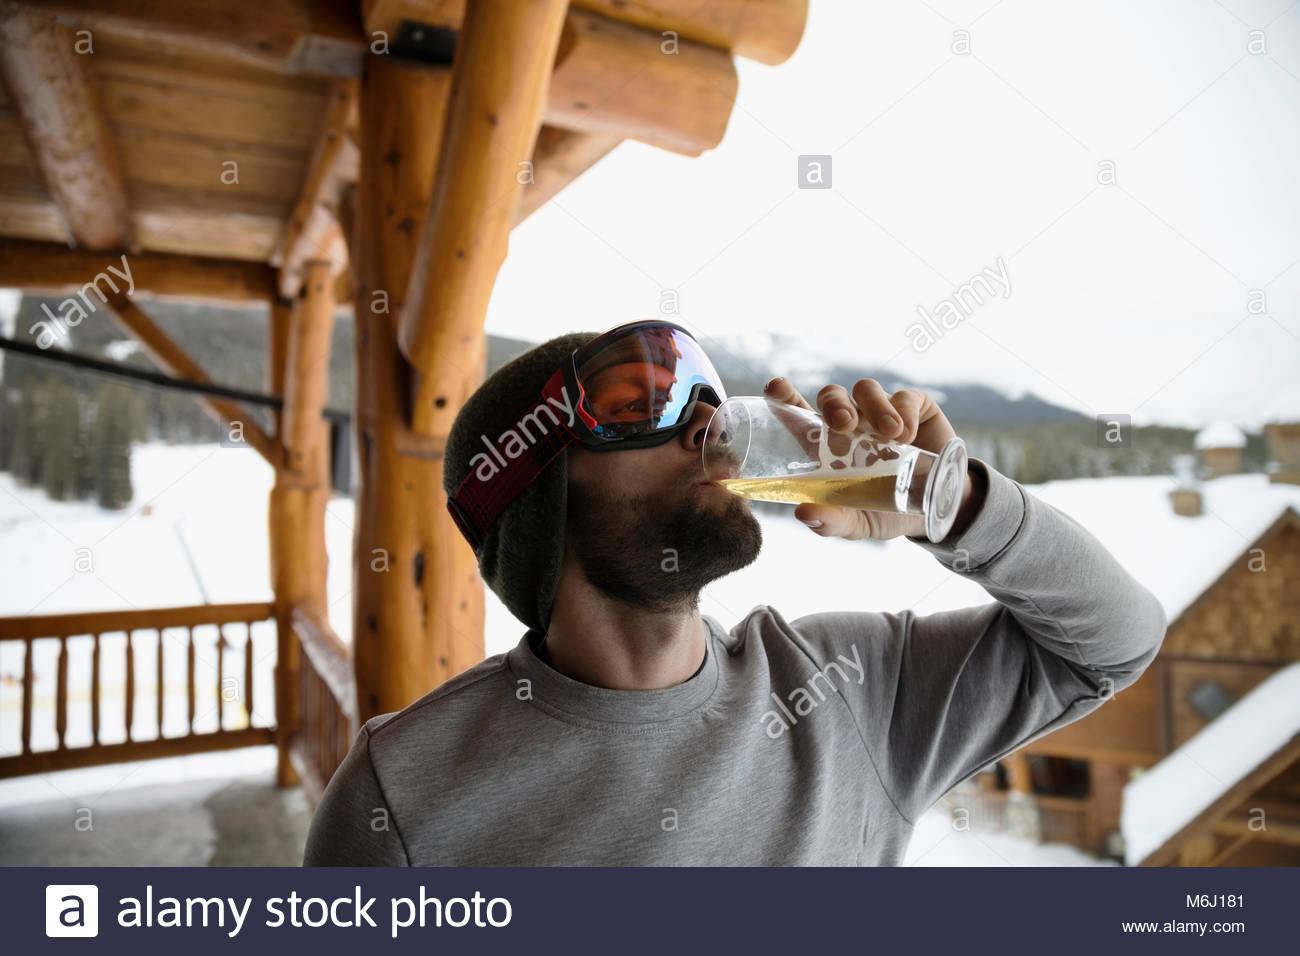 Sciatore maschio in maschere da sci godendo apres-ski, bere birra sulla neve ski resort lodge balcone Immagini Stock